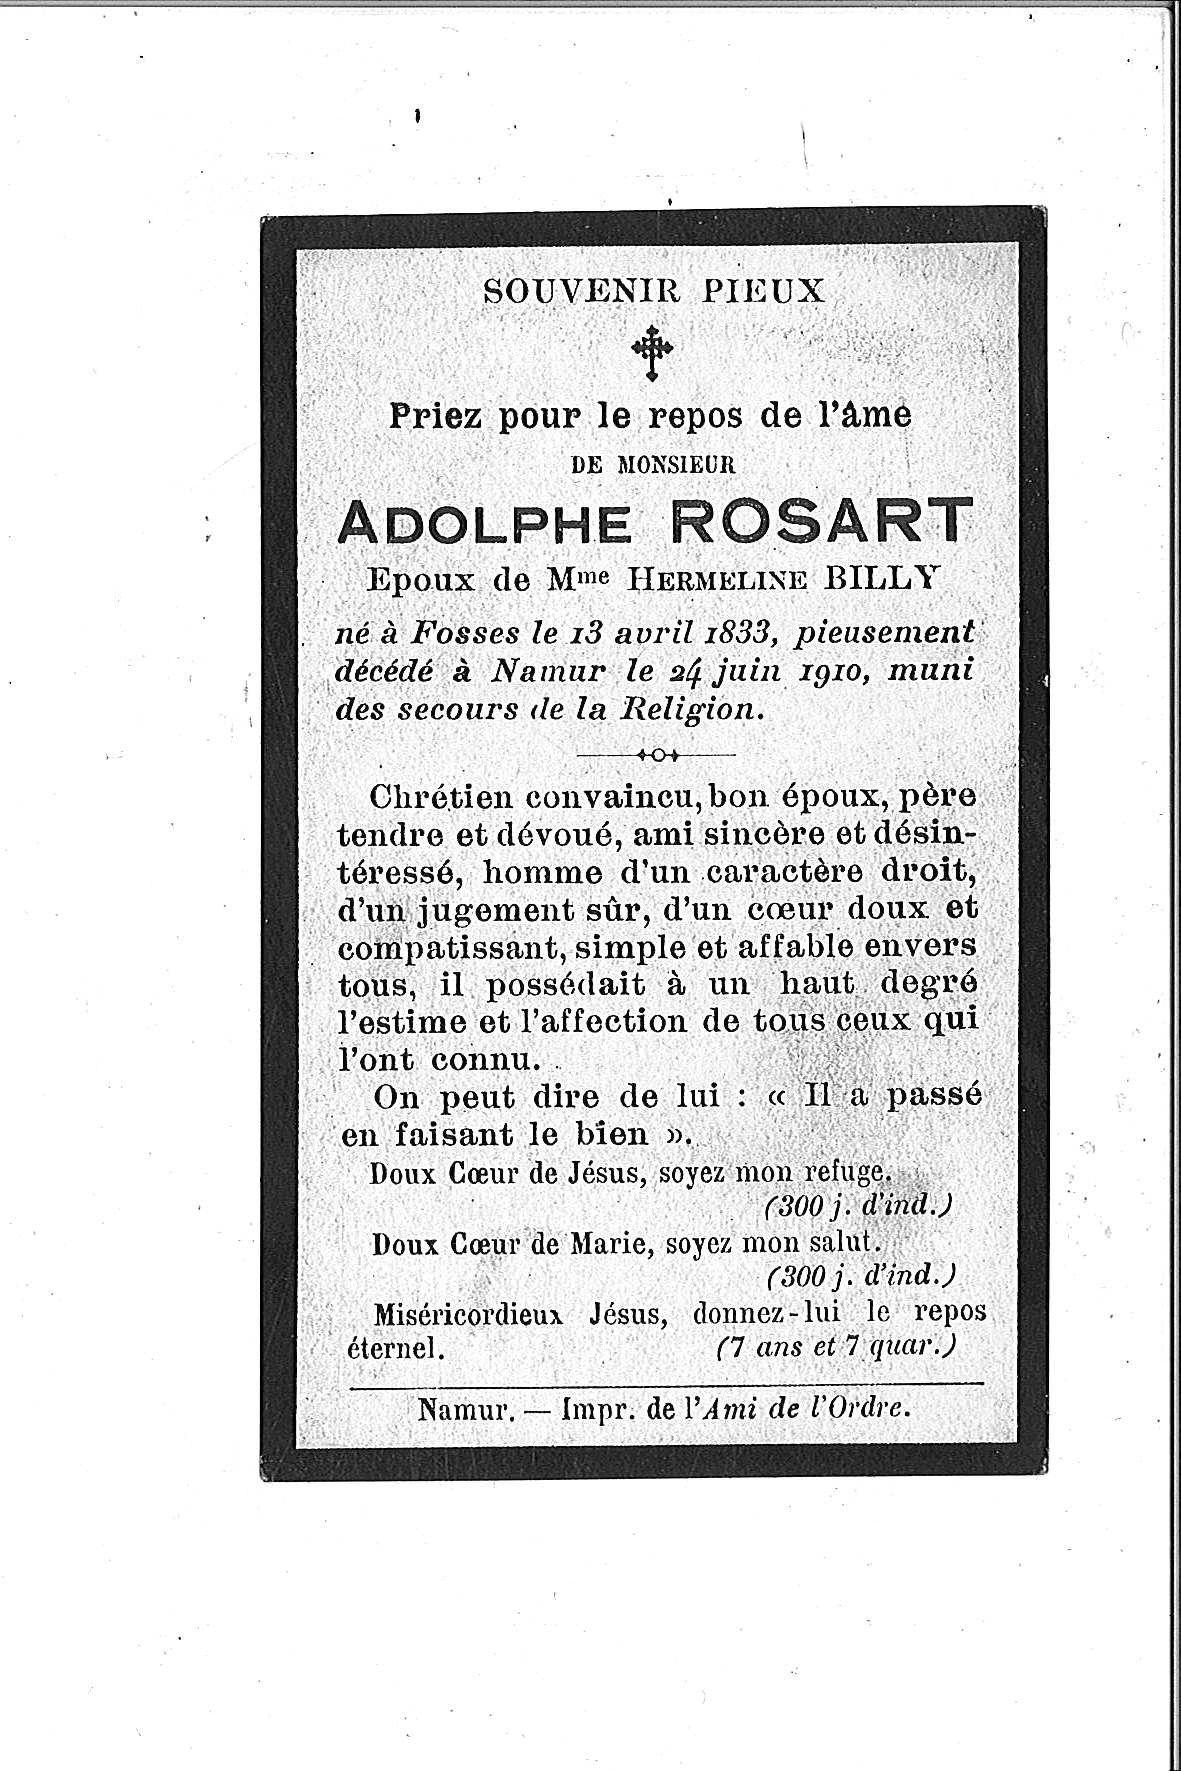 Adolphe(1910)20141216150315_00020.jpg